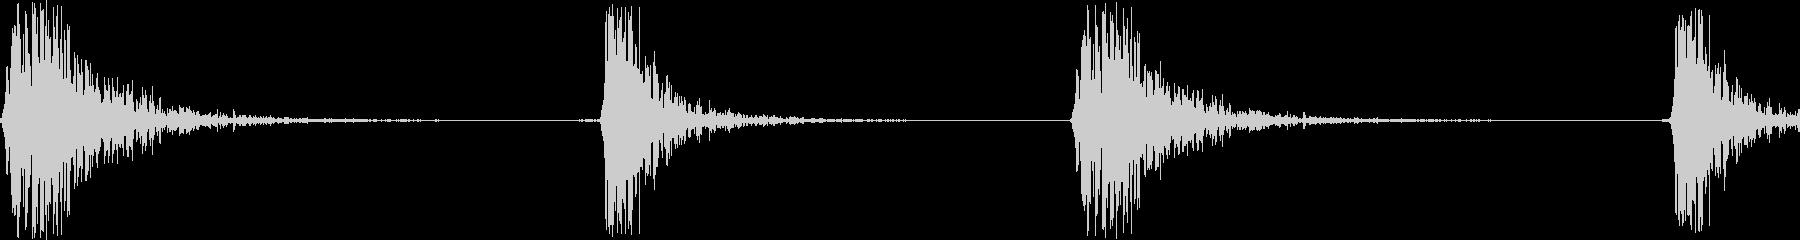 カチカチッ(マウスのダブルクリック音)の未再生の波形